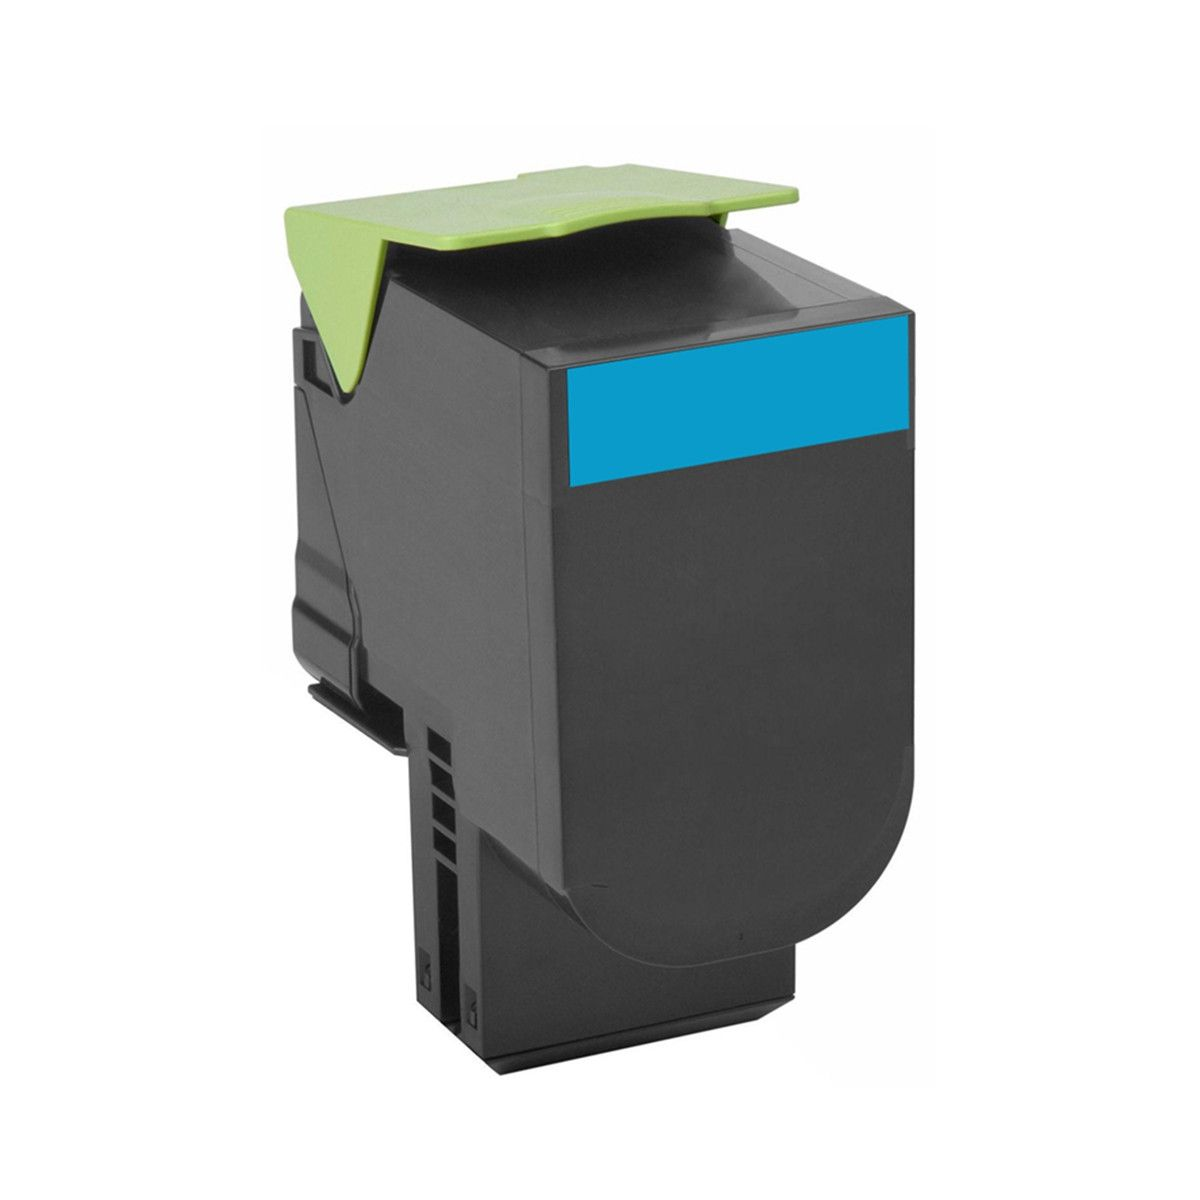 Toner Compatível Lexmark [70C8HC0] CS310/CS410/CS510 Ciano 3.000 Páginas - Cartucho & Cia.